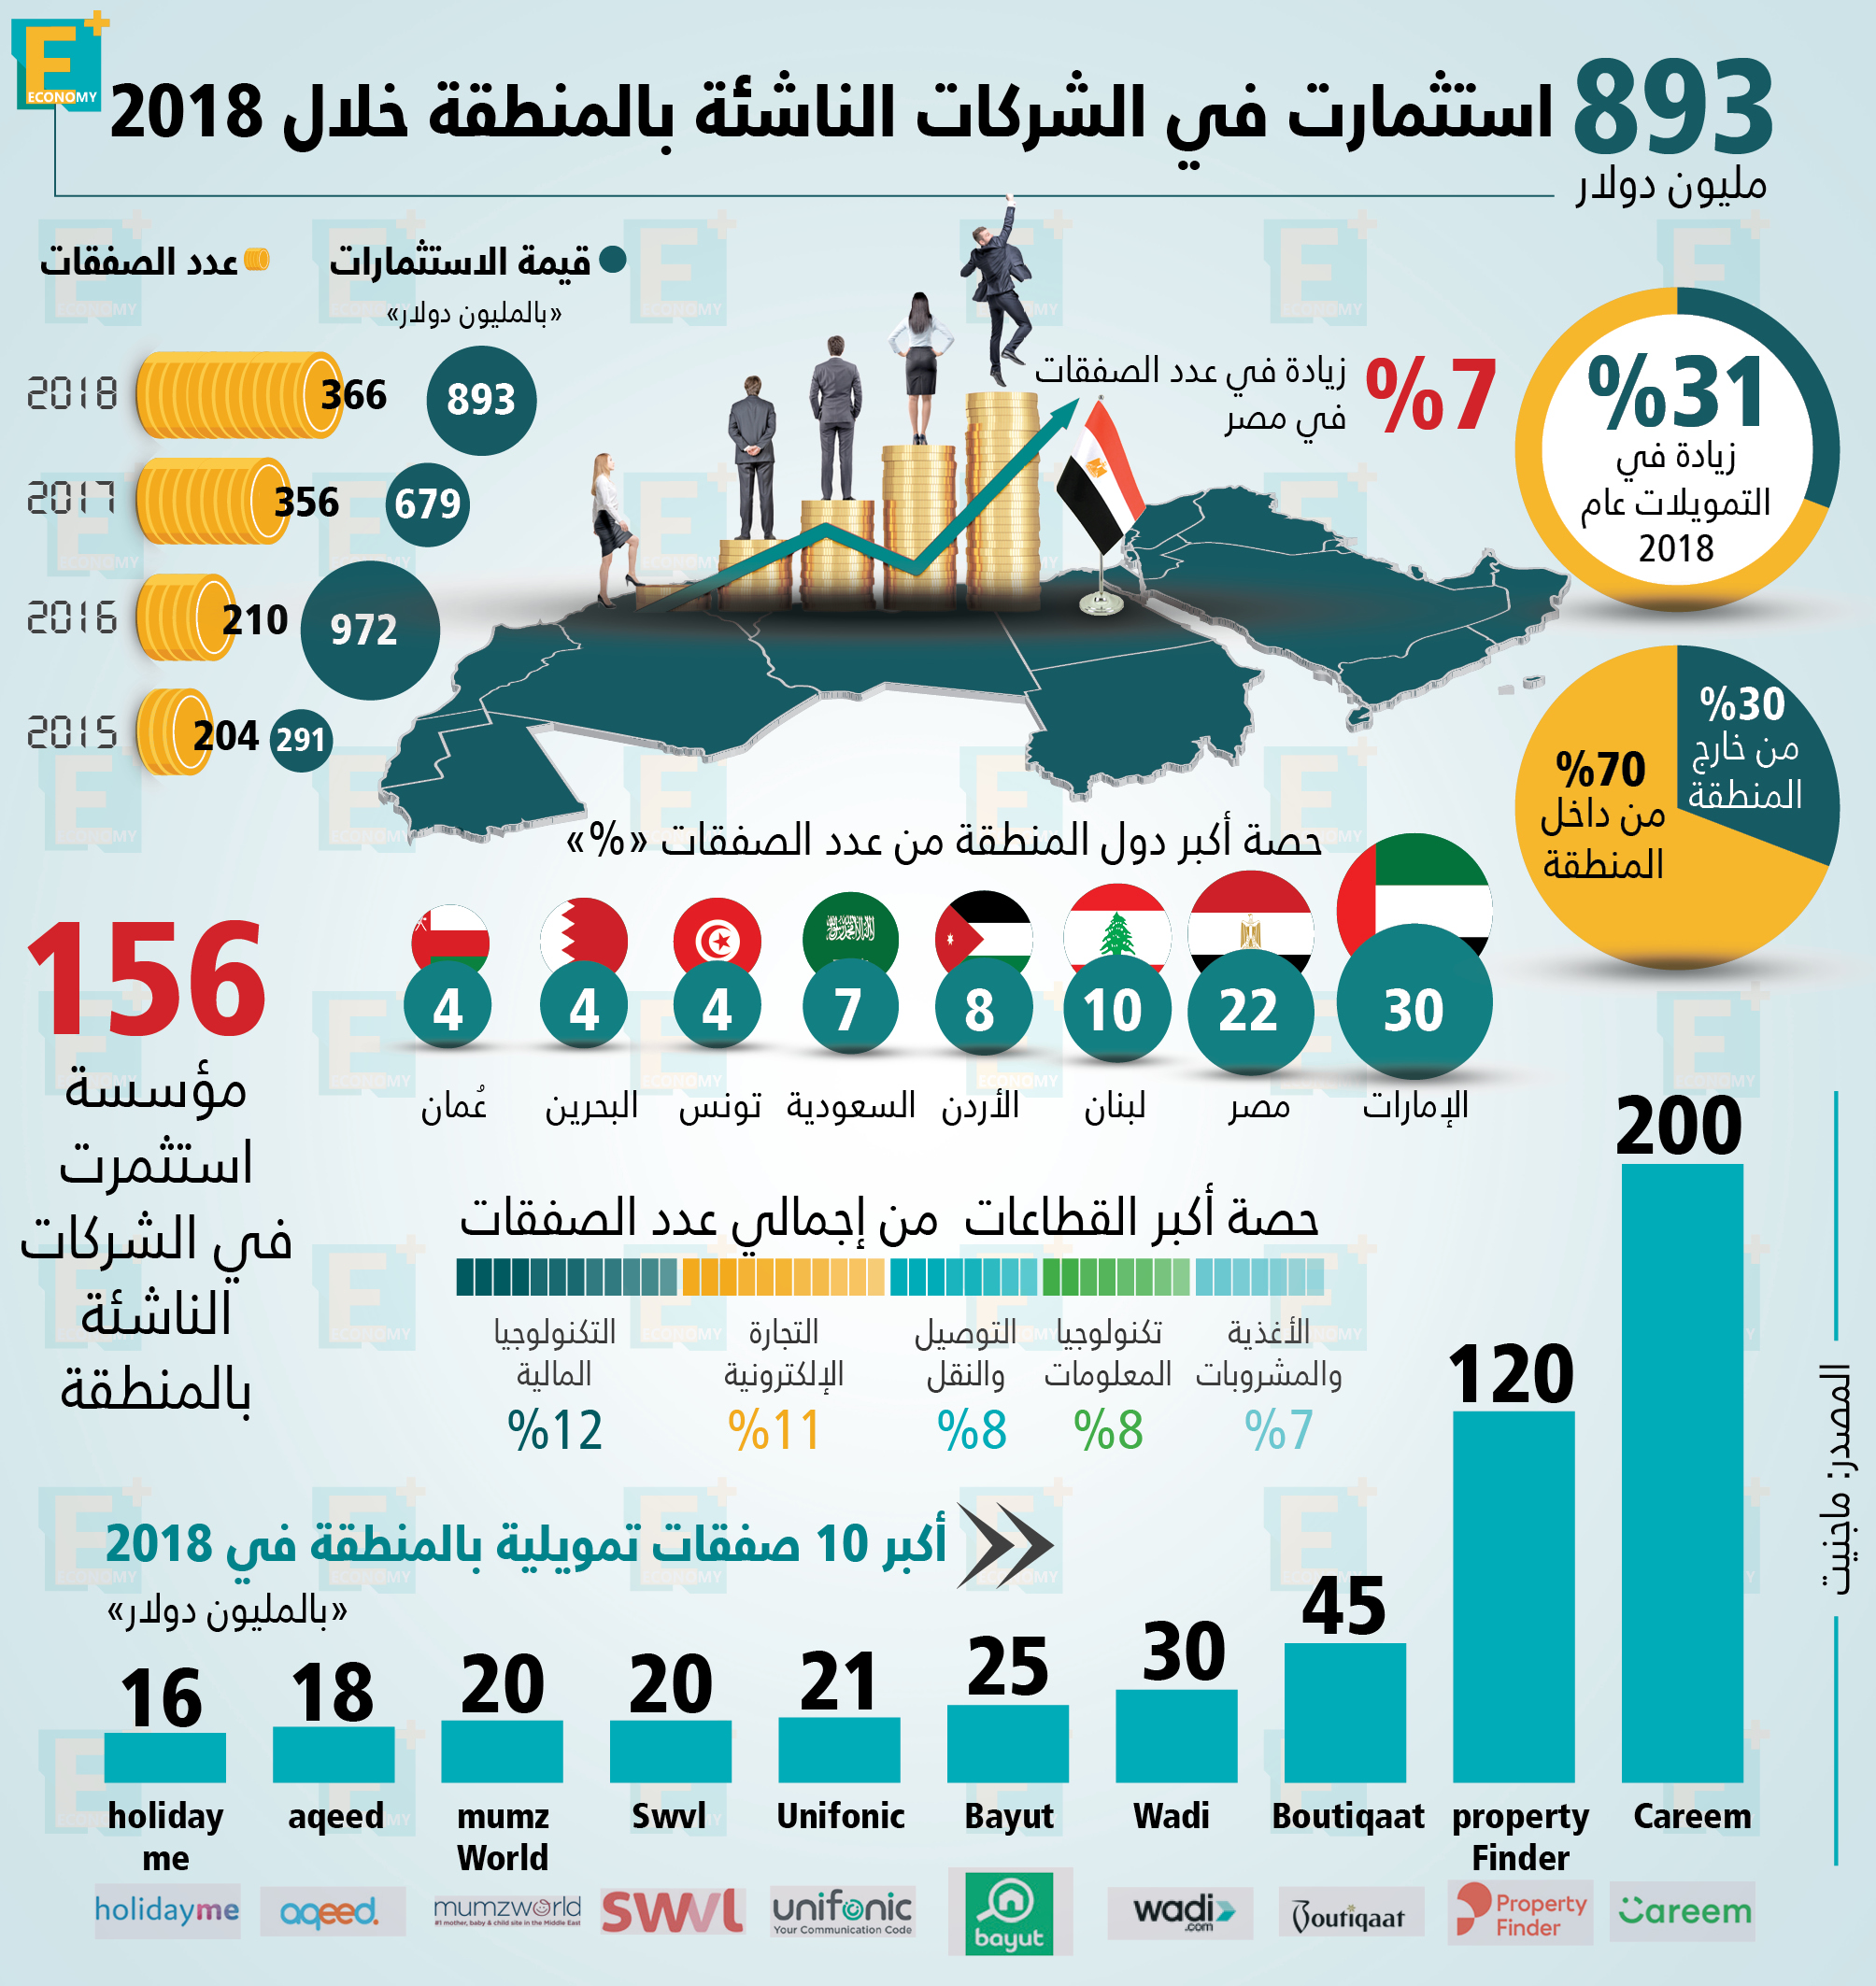 استثمارت الشركات الناشئة بالمنطقة خلال 2018